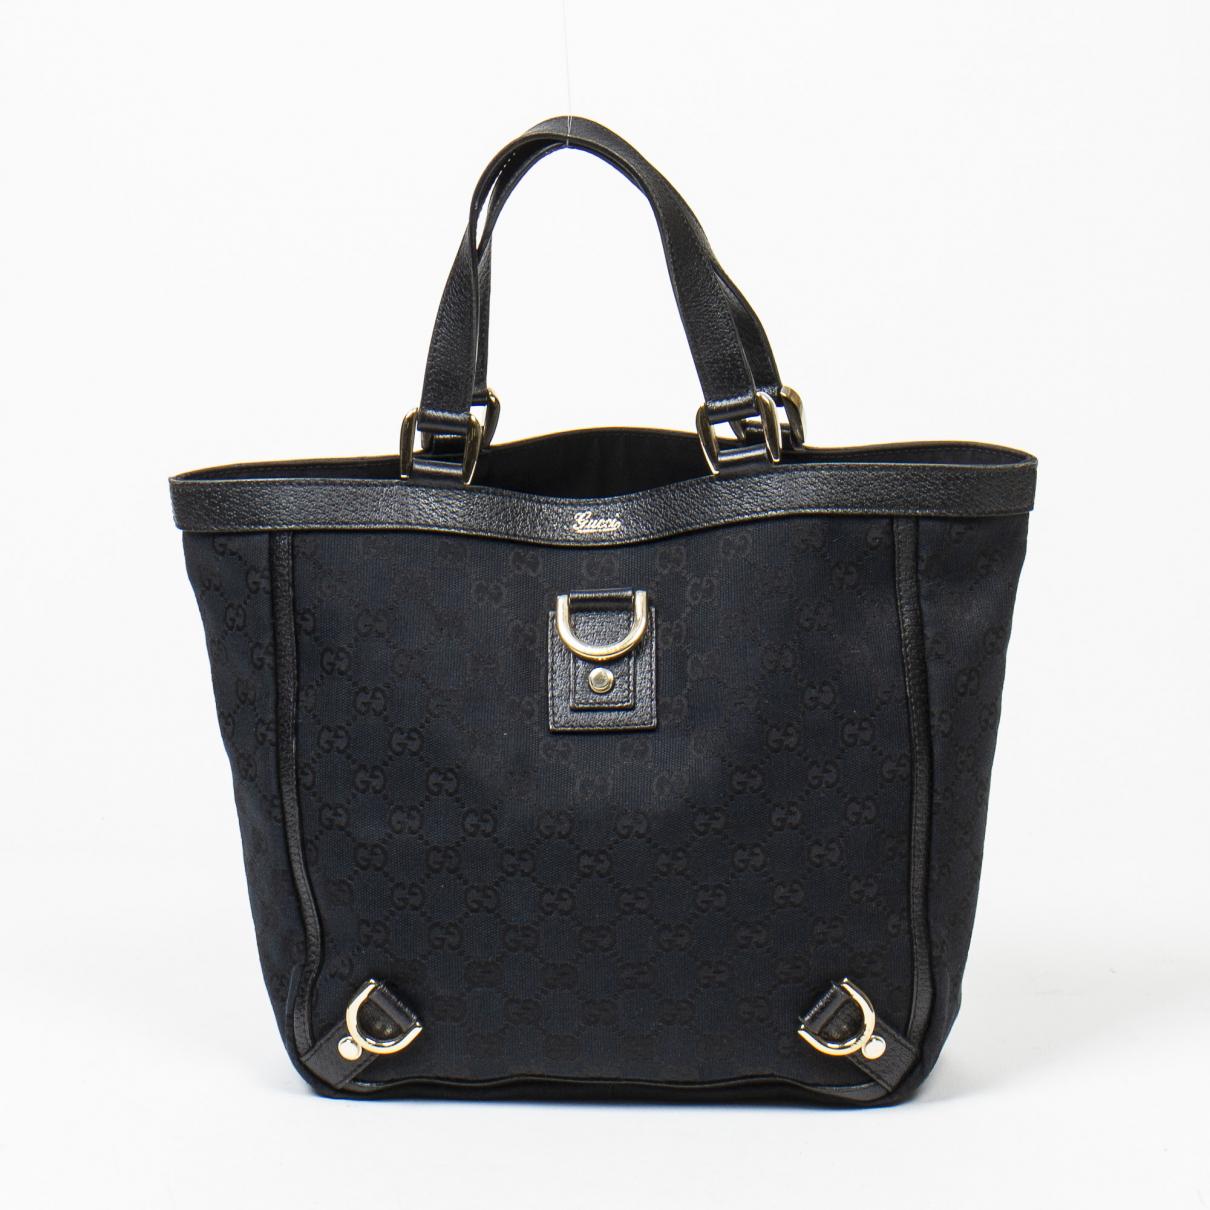 Gucci - Sac a main   pour femme en coton - noir